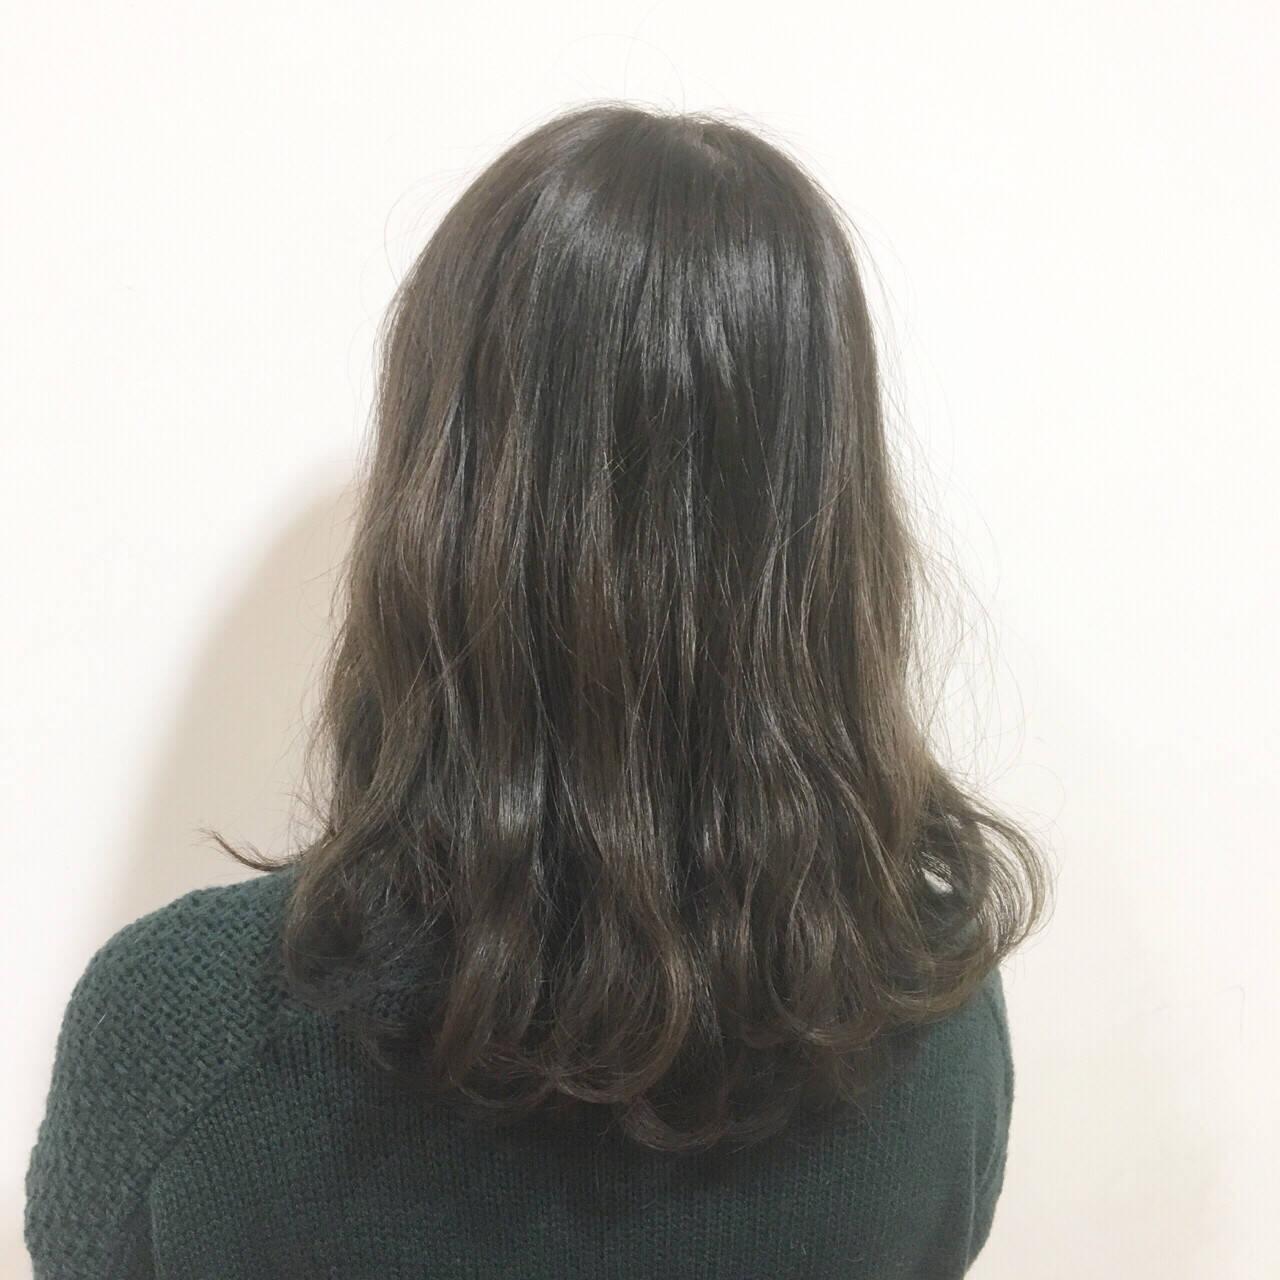 グラデーションカラー 外国人風 ストリート セミロングヘアスタイルや髪型の写真・画像